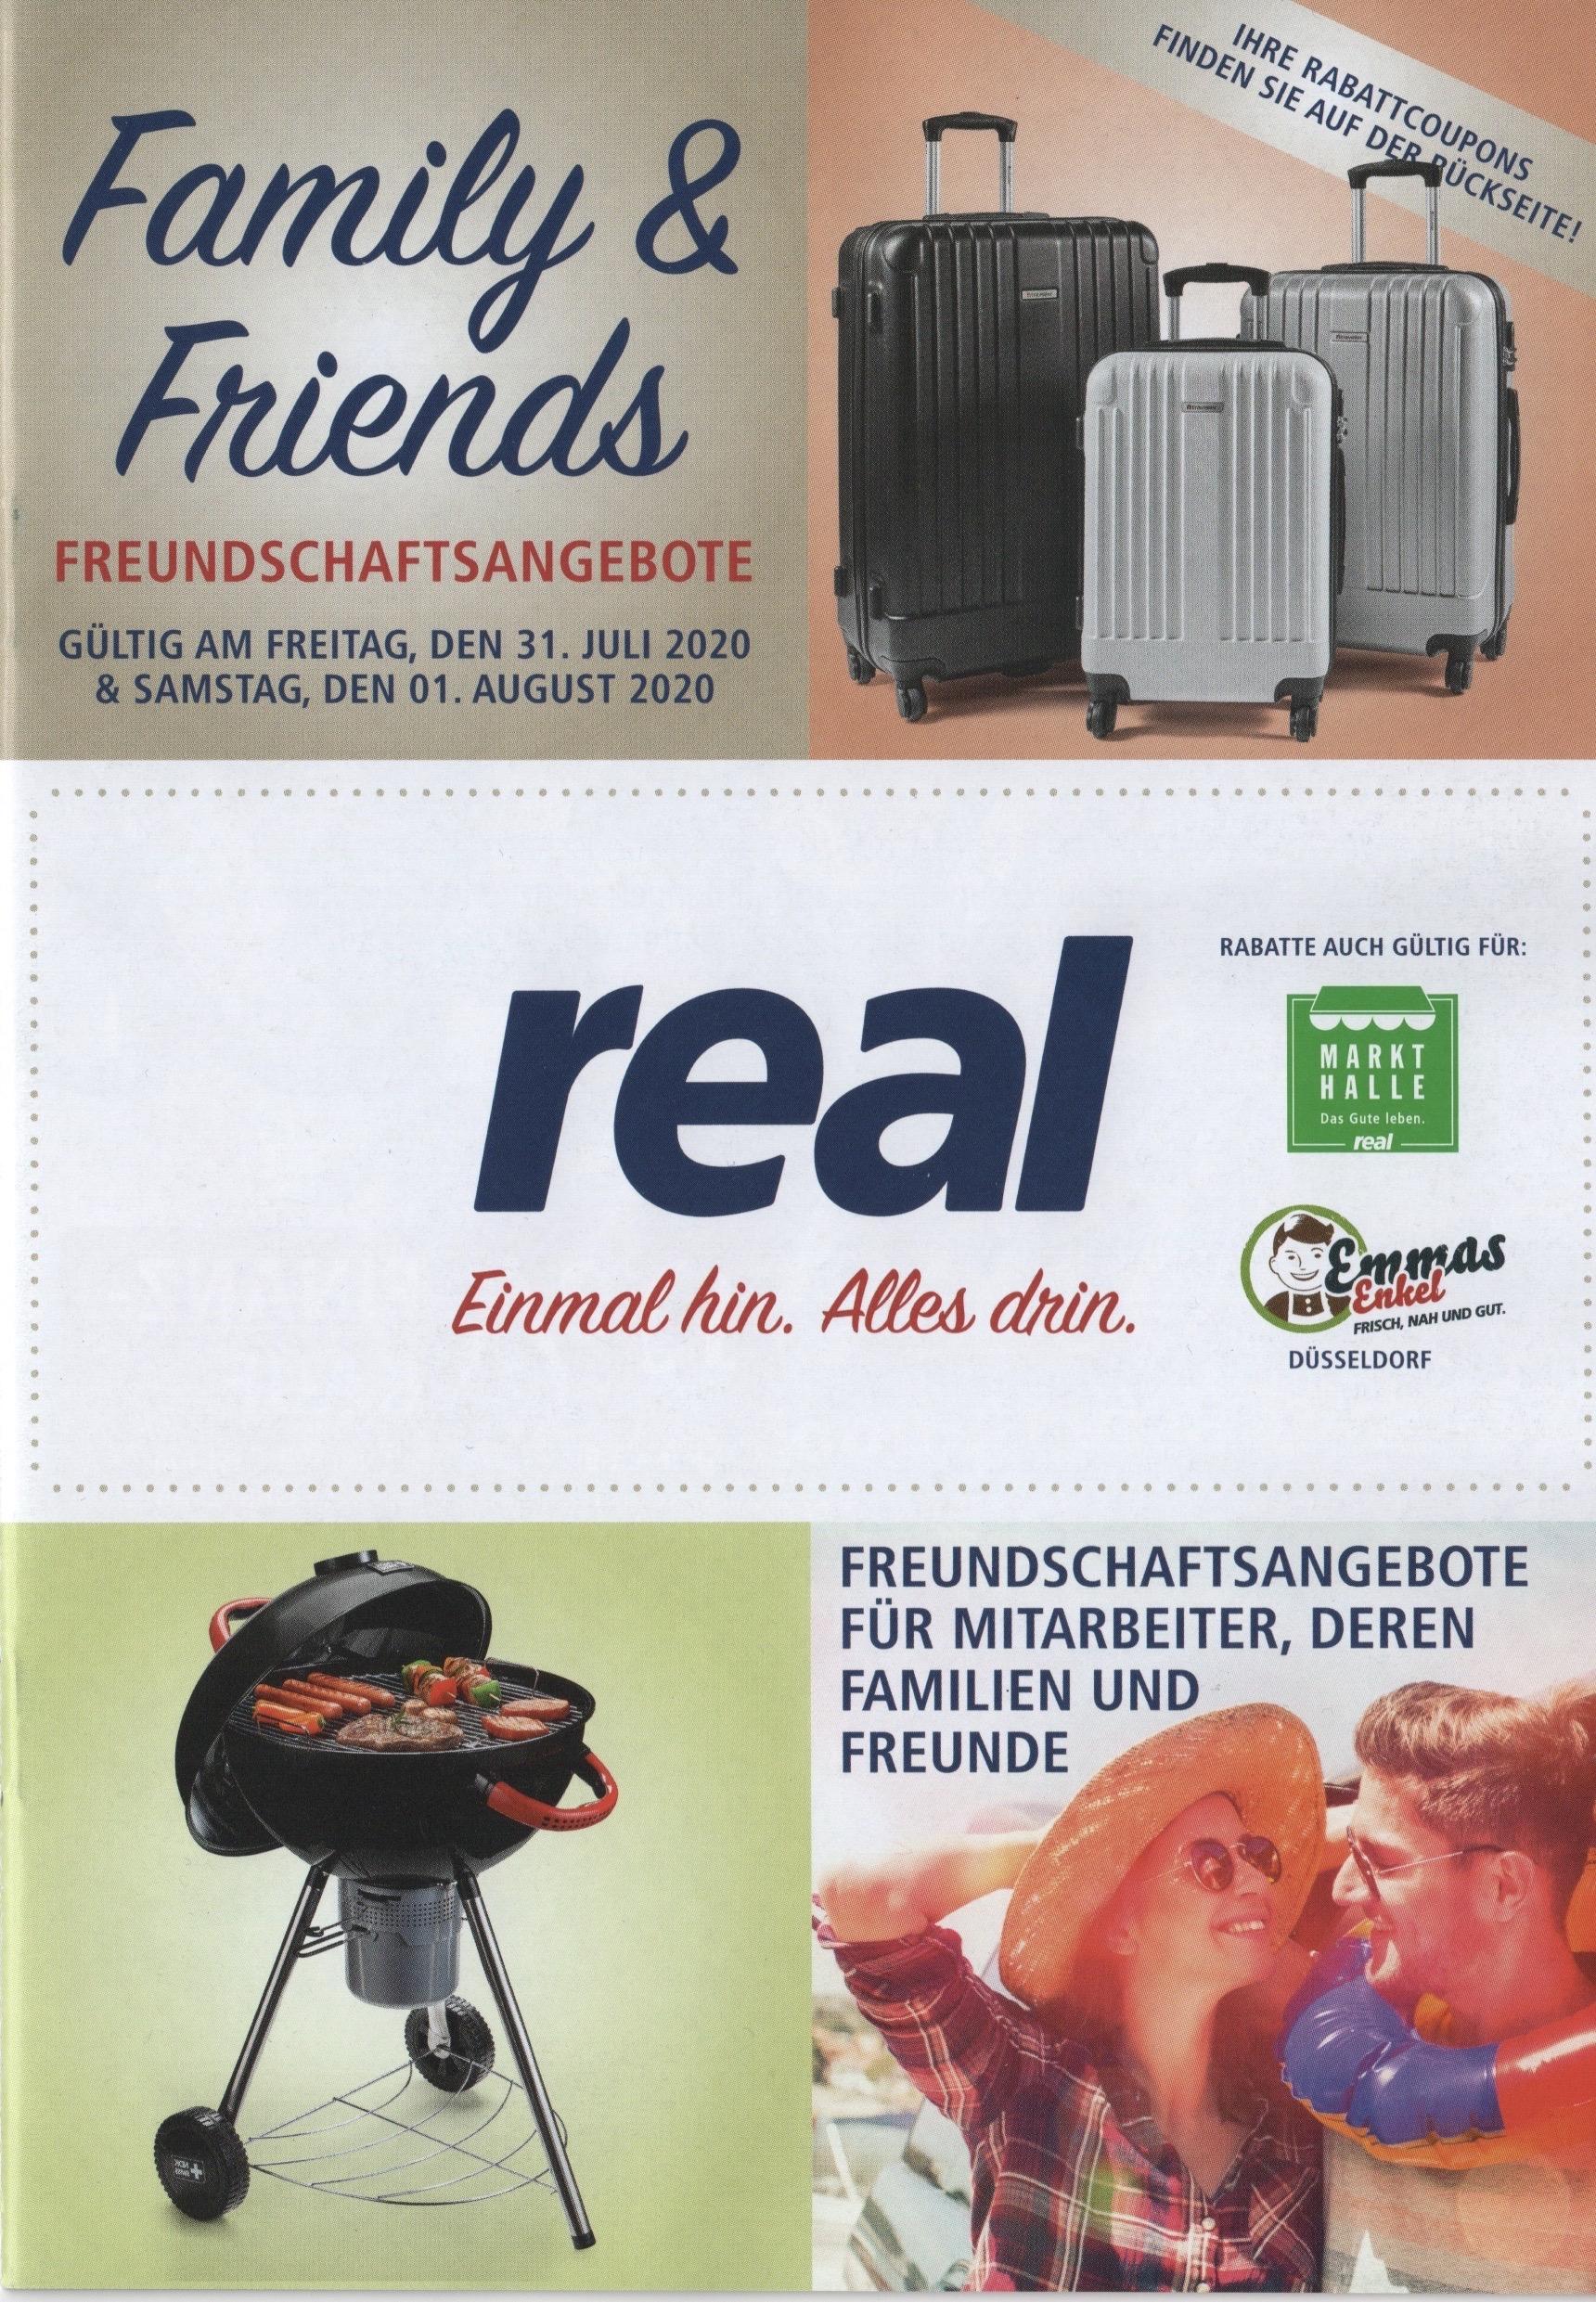 """Real Family & Friends 31.07-01.08: Braun 8365cc 145,52€; Samsung 50"""" 4K 346,32€; 25% auf Schreibwaren, Nerf und Gesellschaftsspiele"""